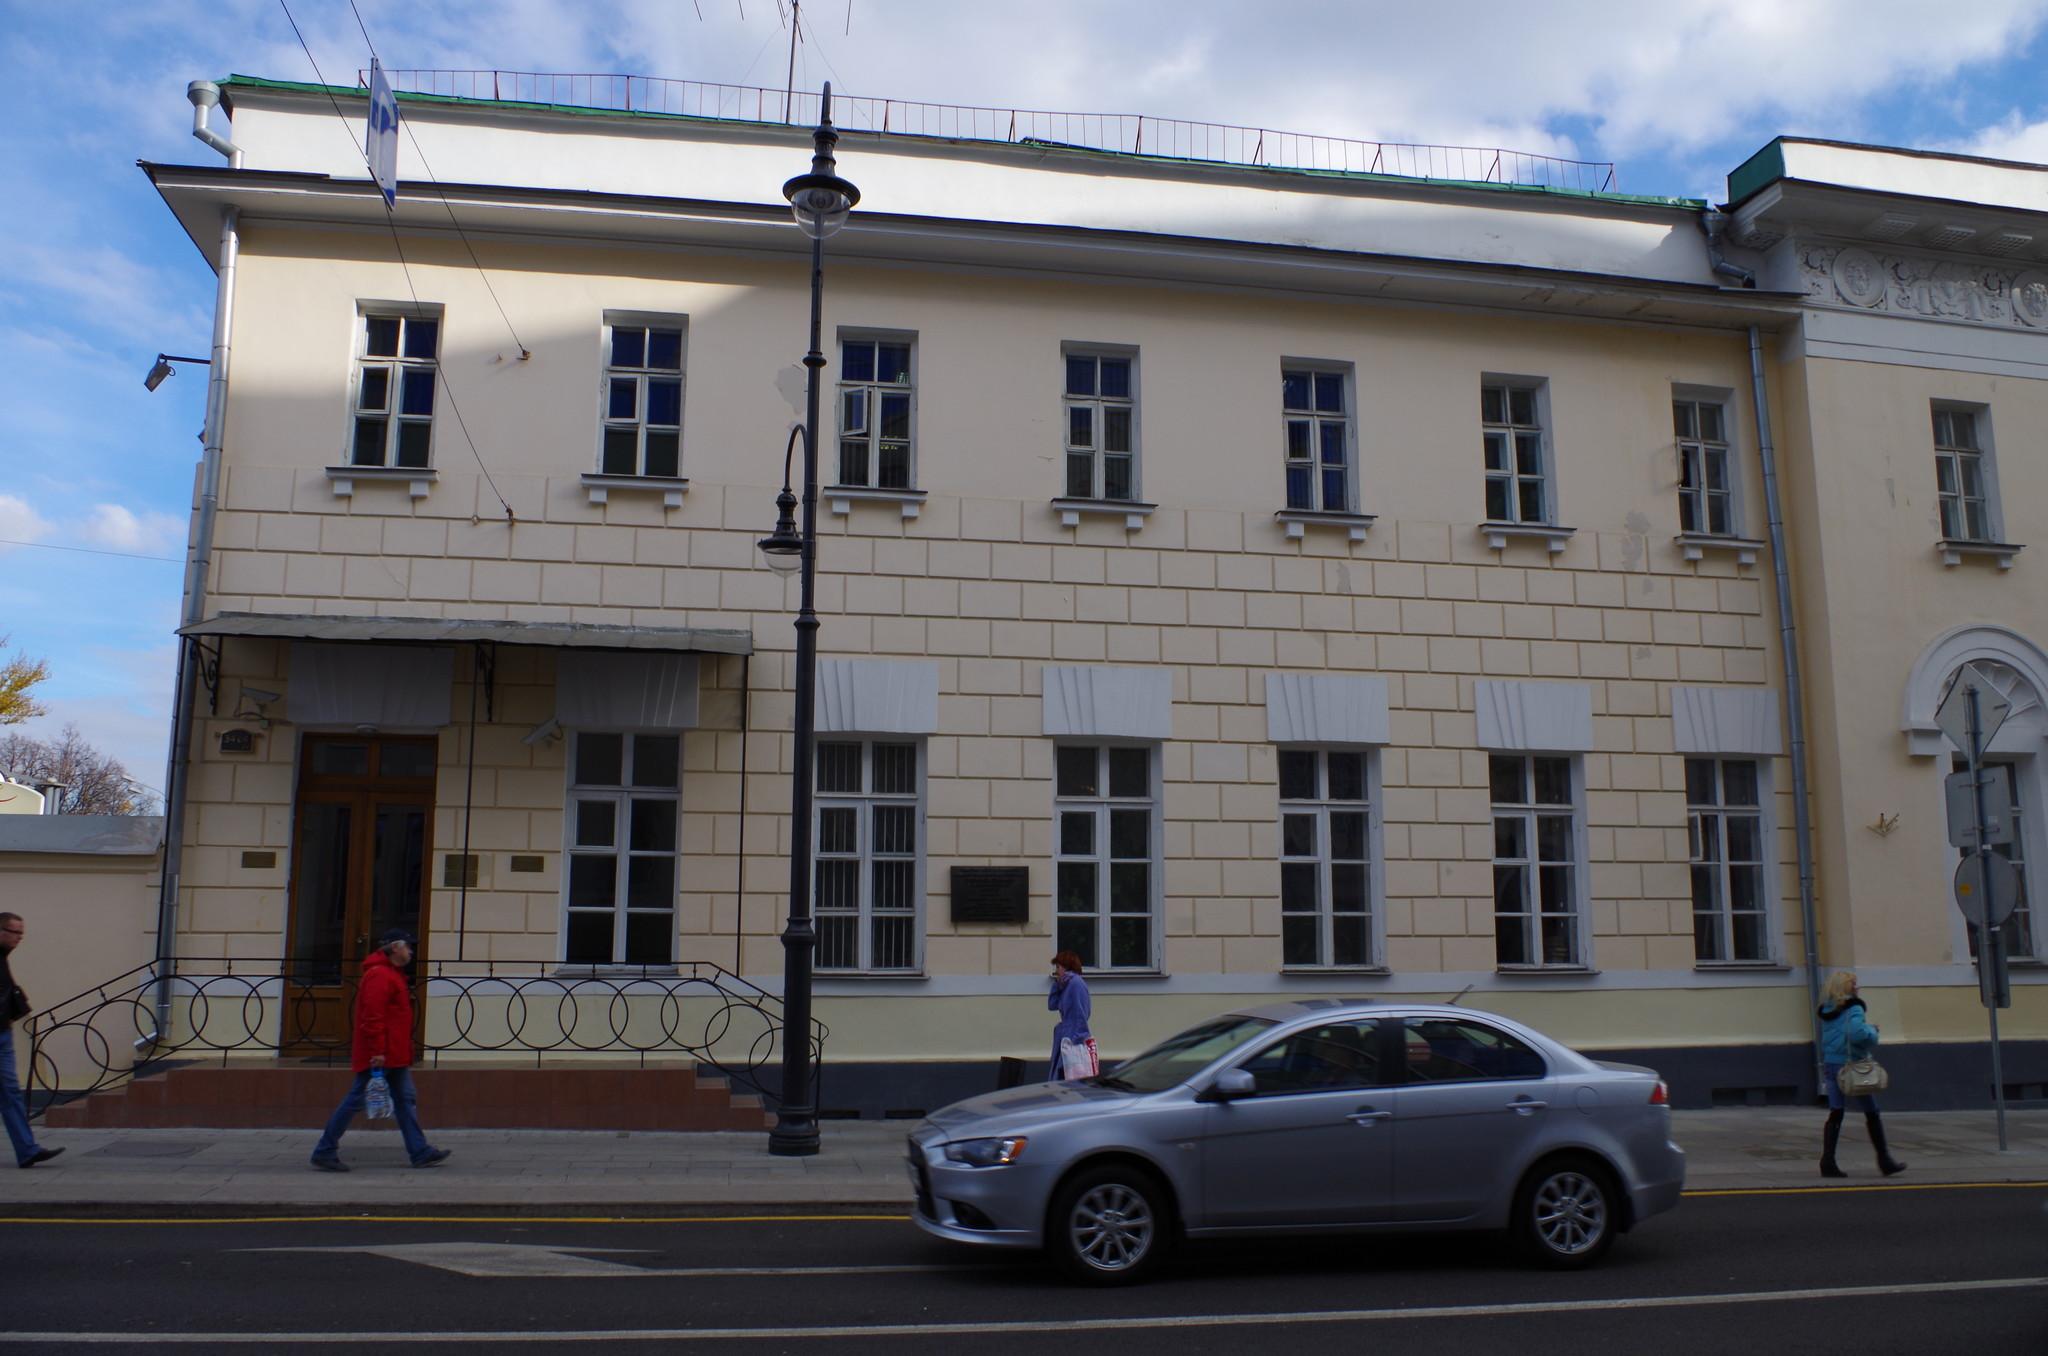 Улица Большая Дмитровка, дом 34, стр. 4